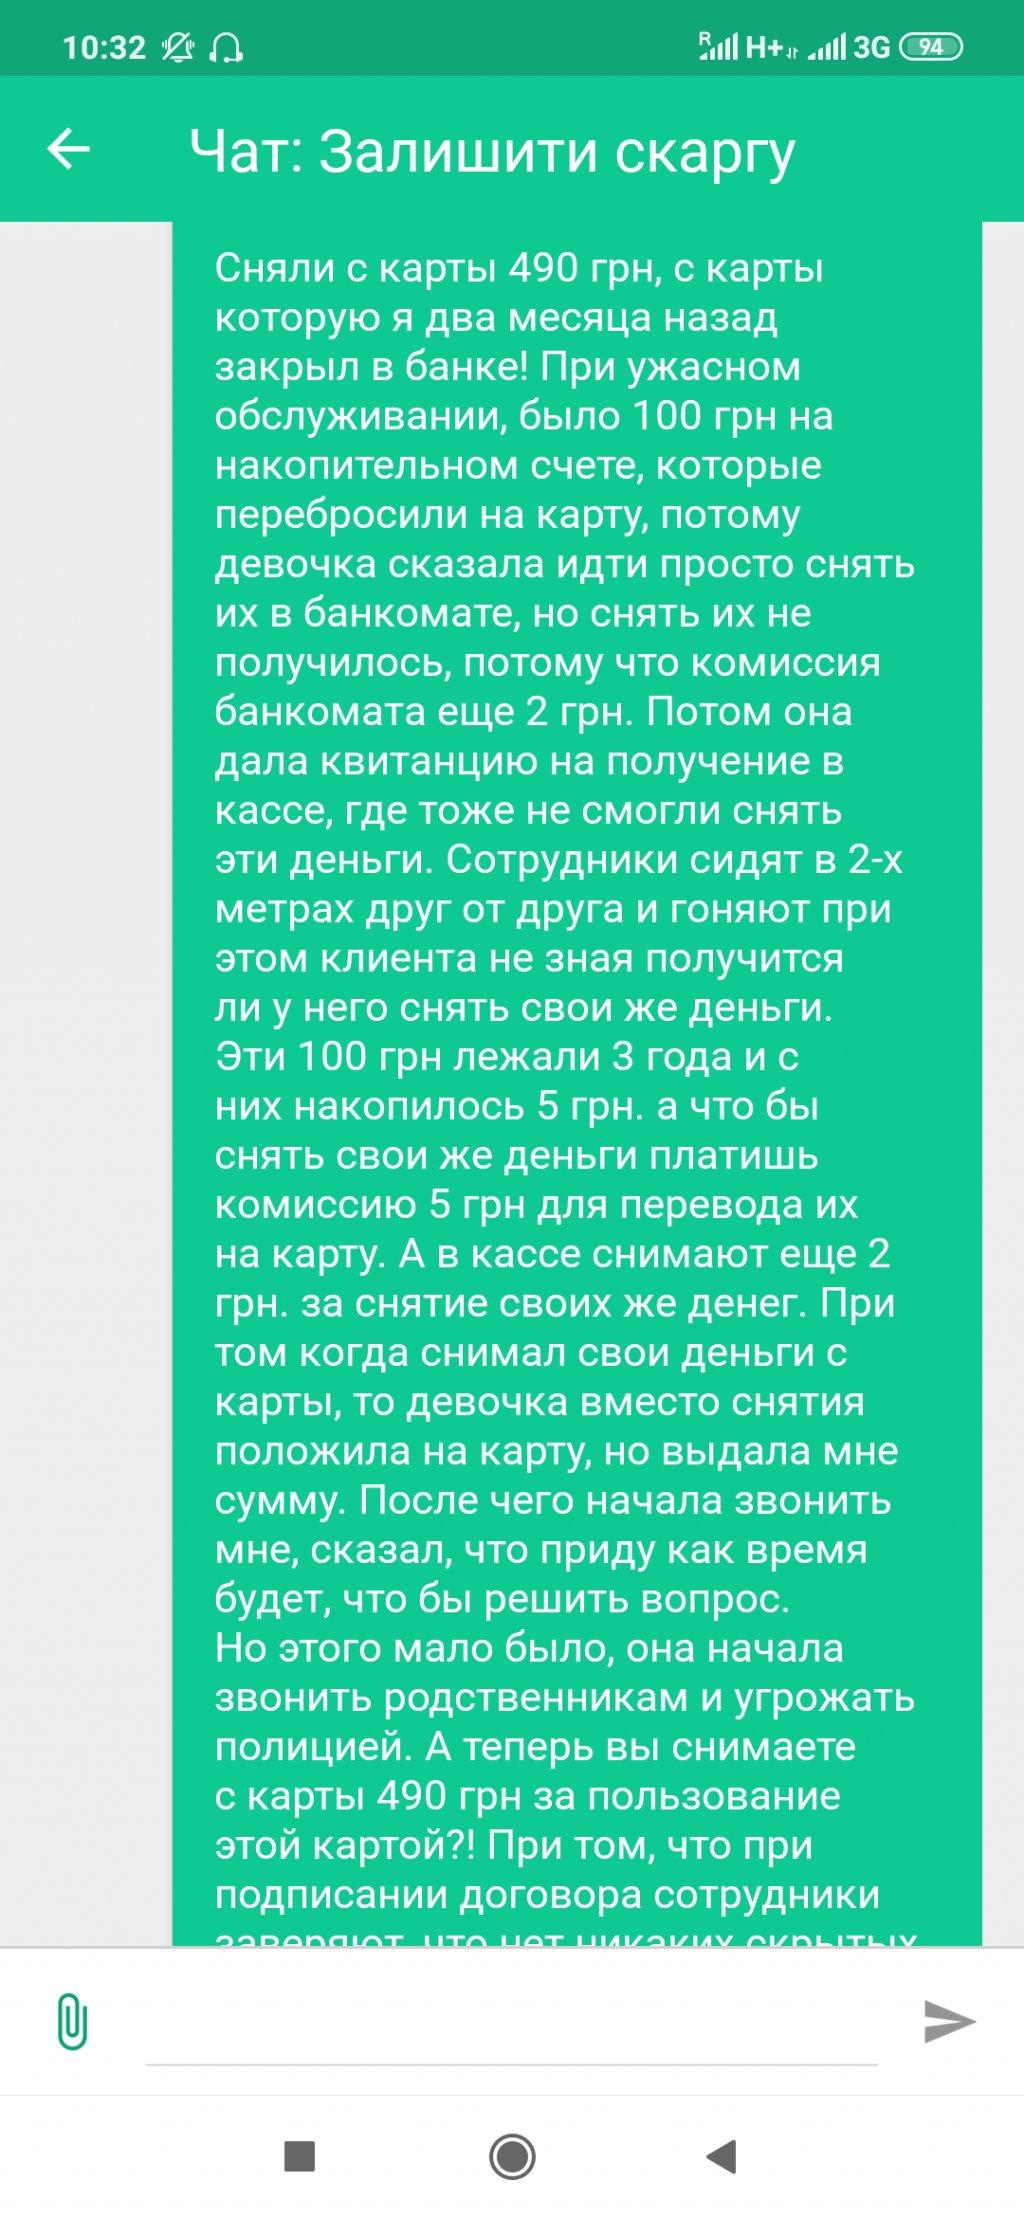 УкрСиббанк - Скорее шарлотаны, чем банк